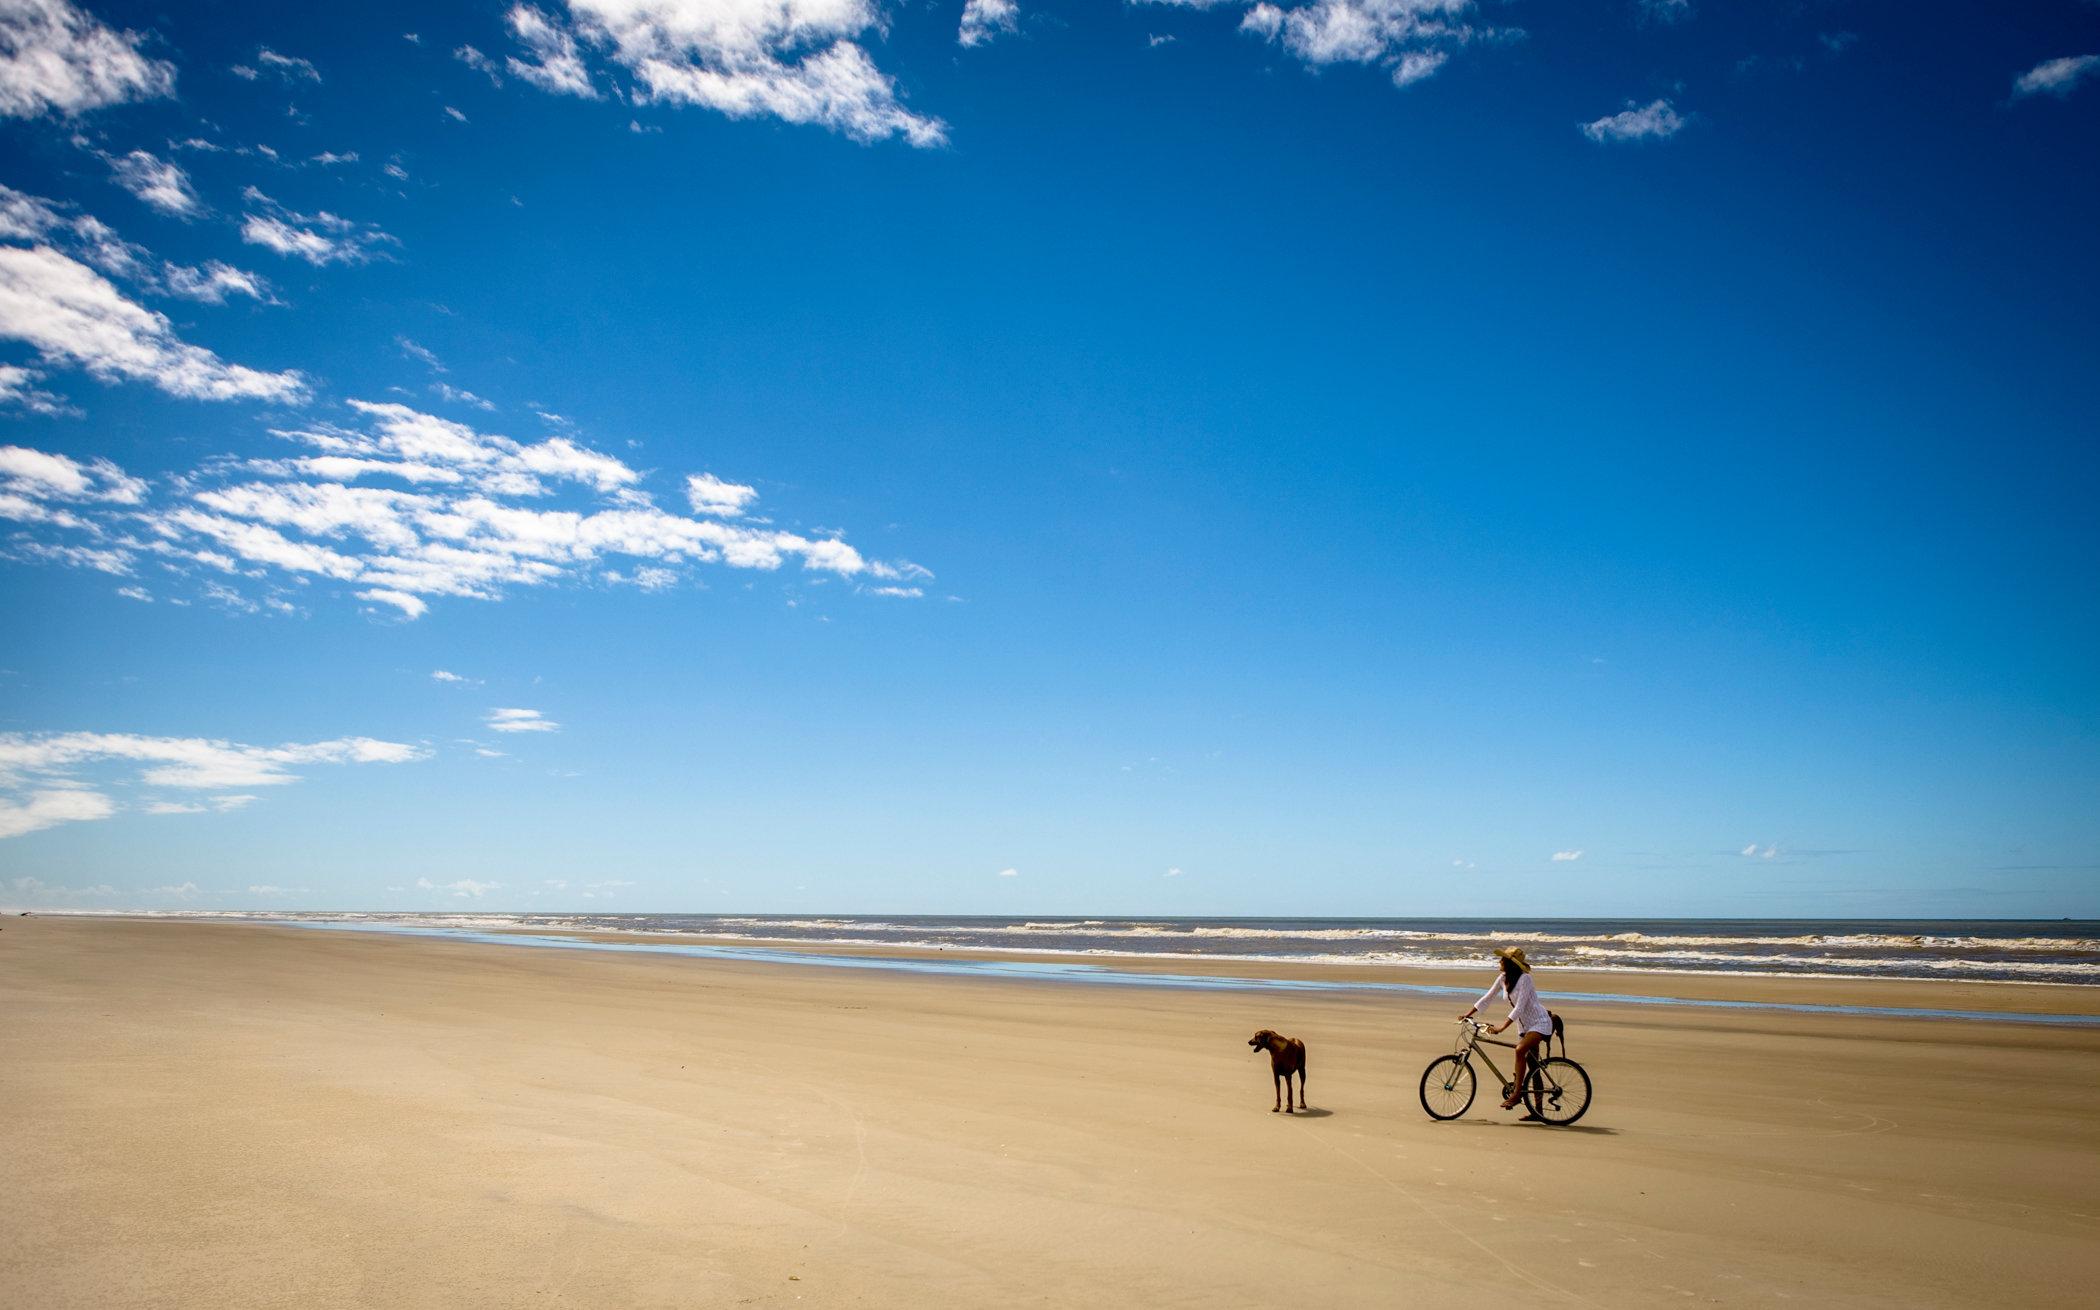 bike on beach.jpg